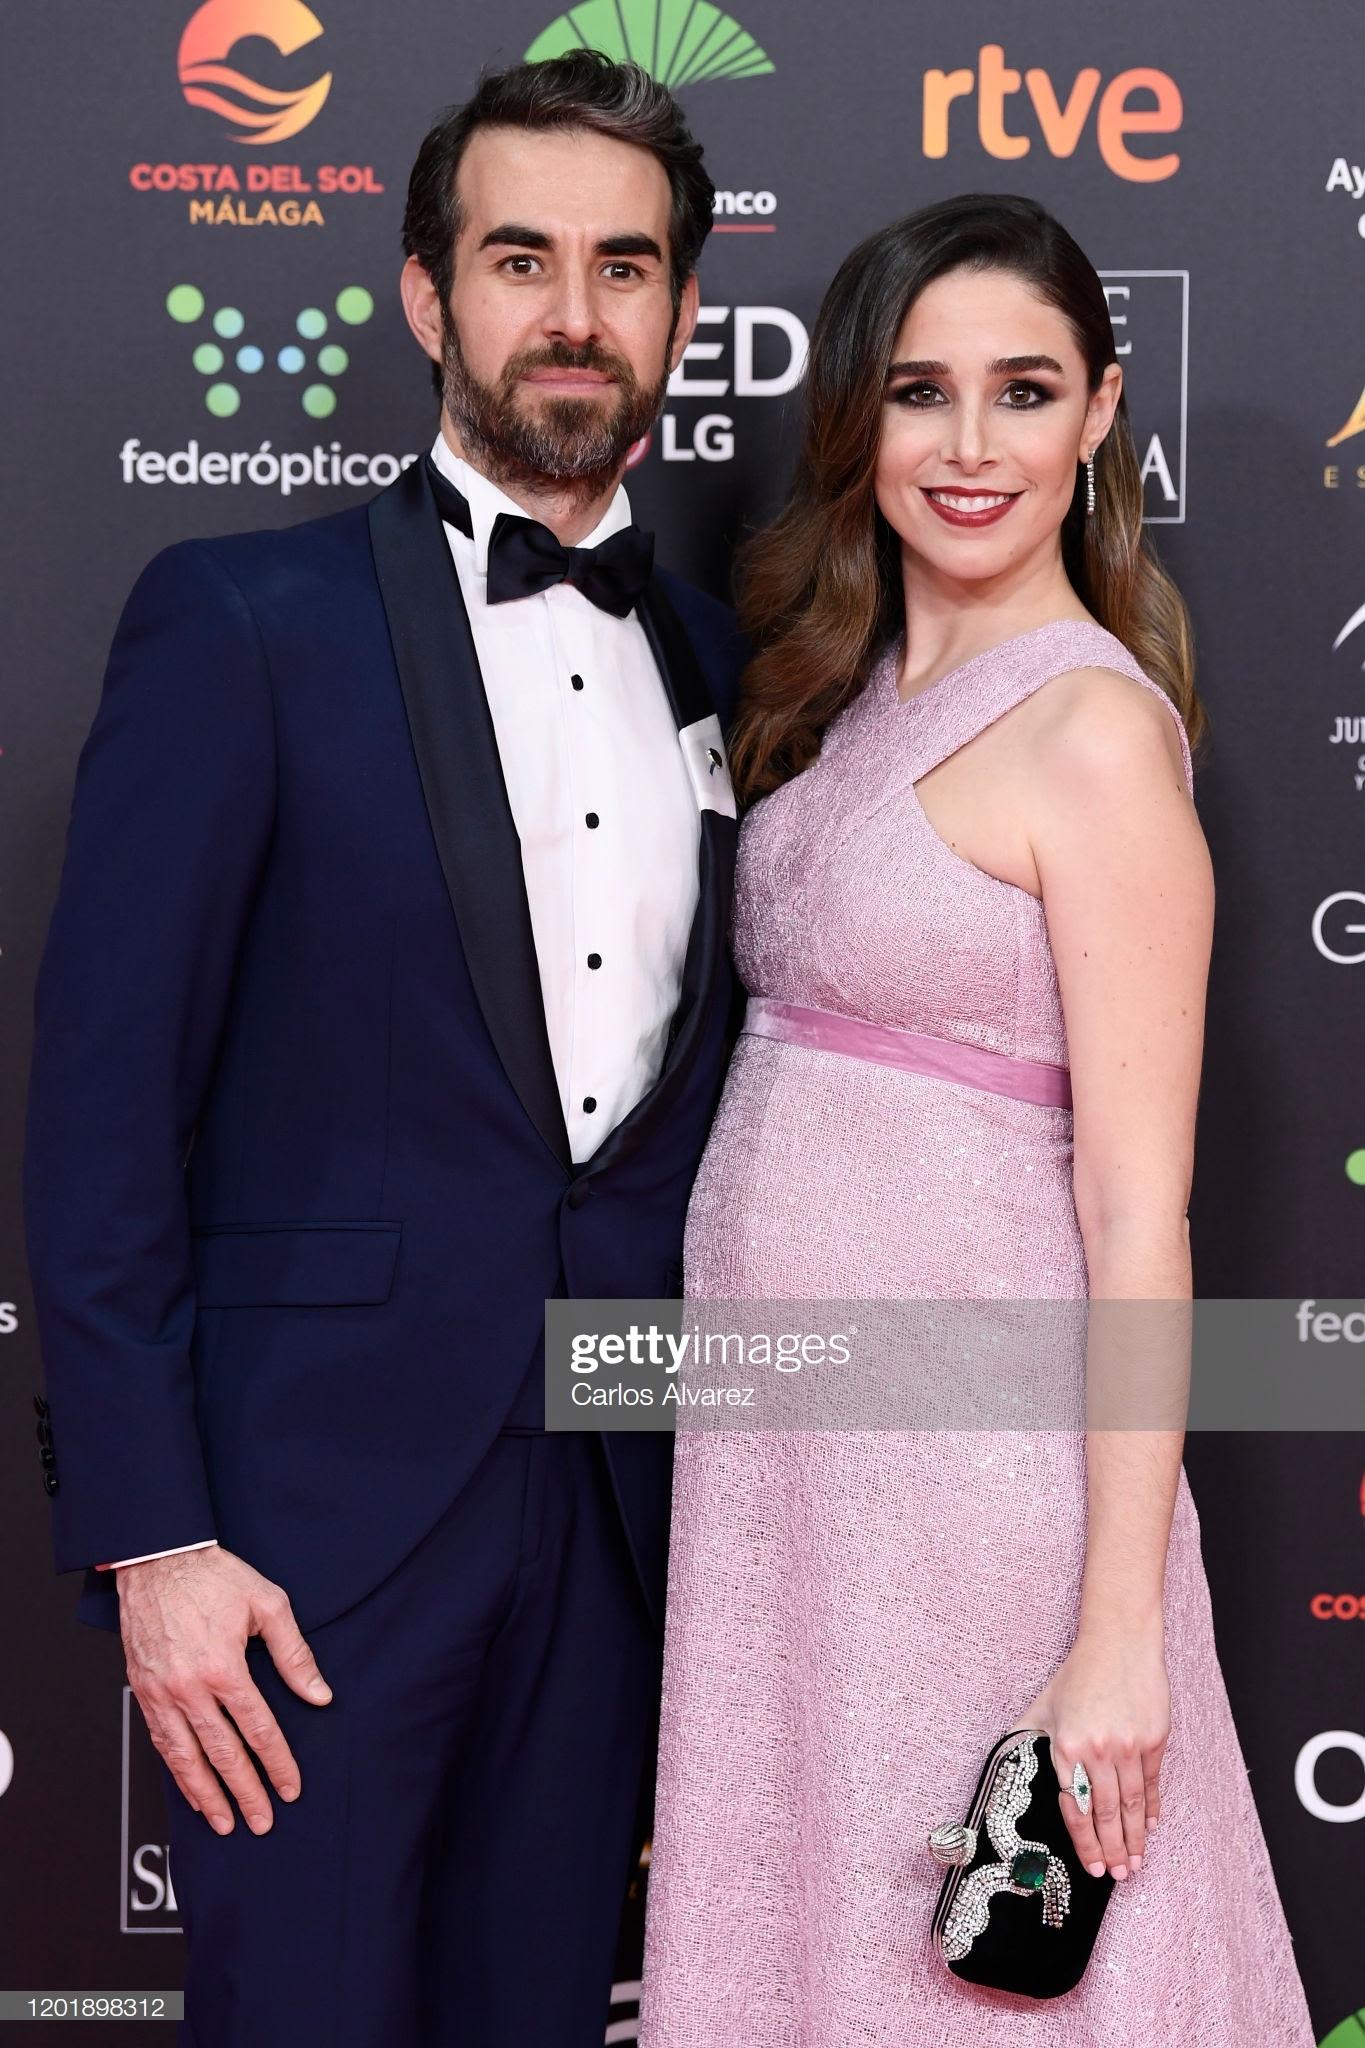 d500b2a3 1e35 49f5 9dec 24c30d961803 - Premios Goya 2020 : Looks de todas las celebrities que lucieron  marcas de Replica